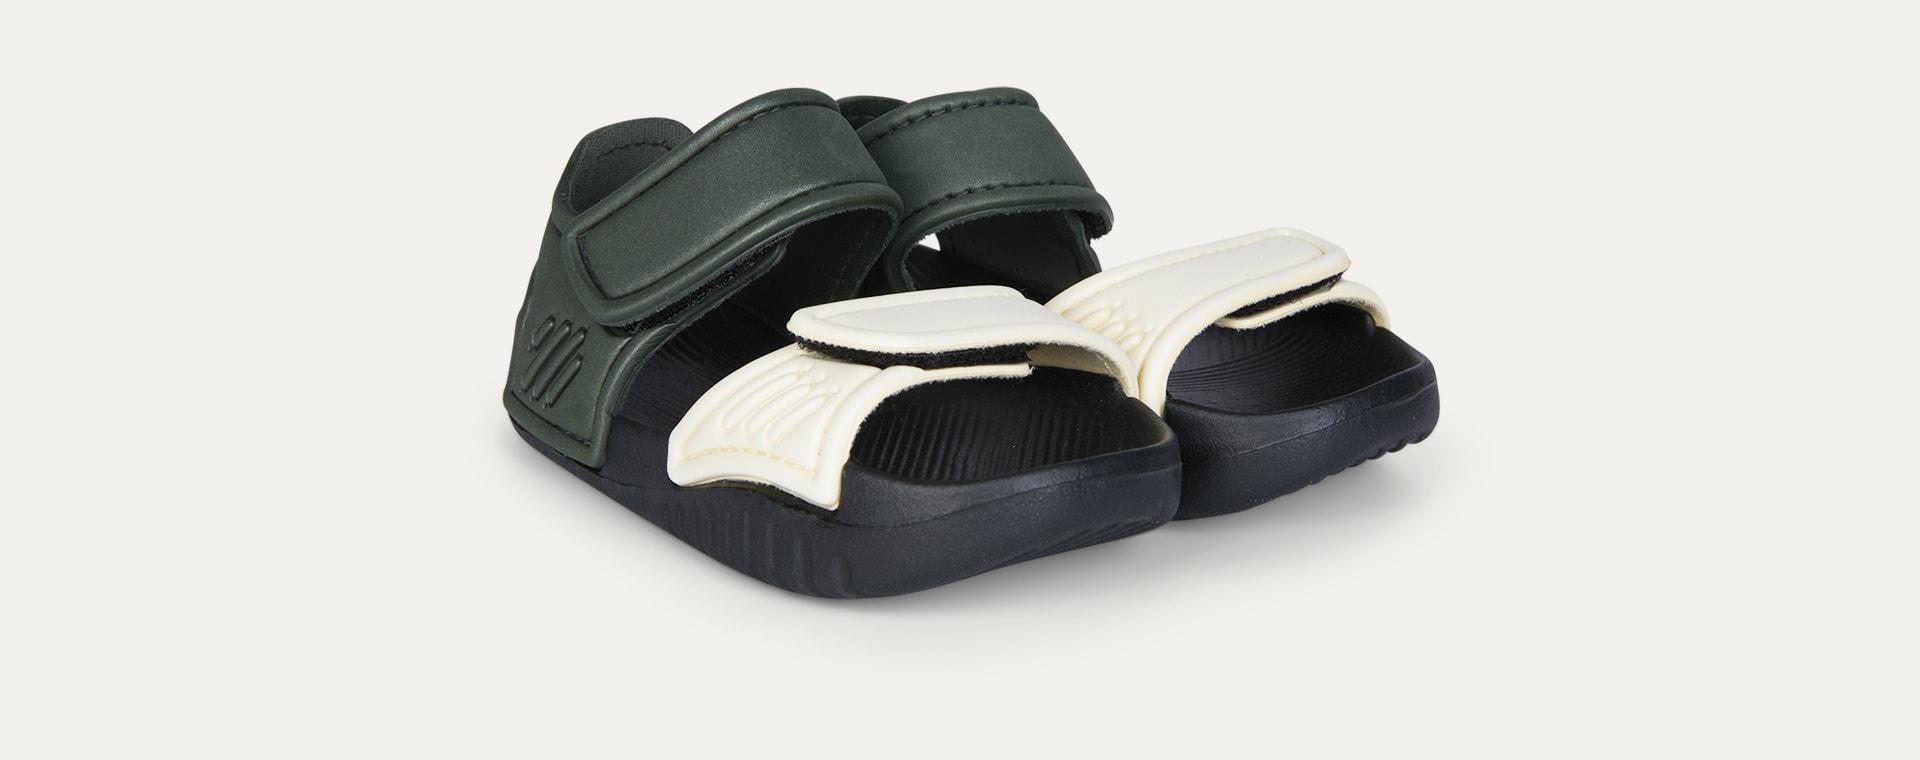 Faune Green/Black Mix Liewood Blumer Sandals